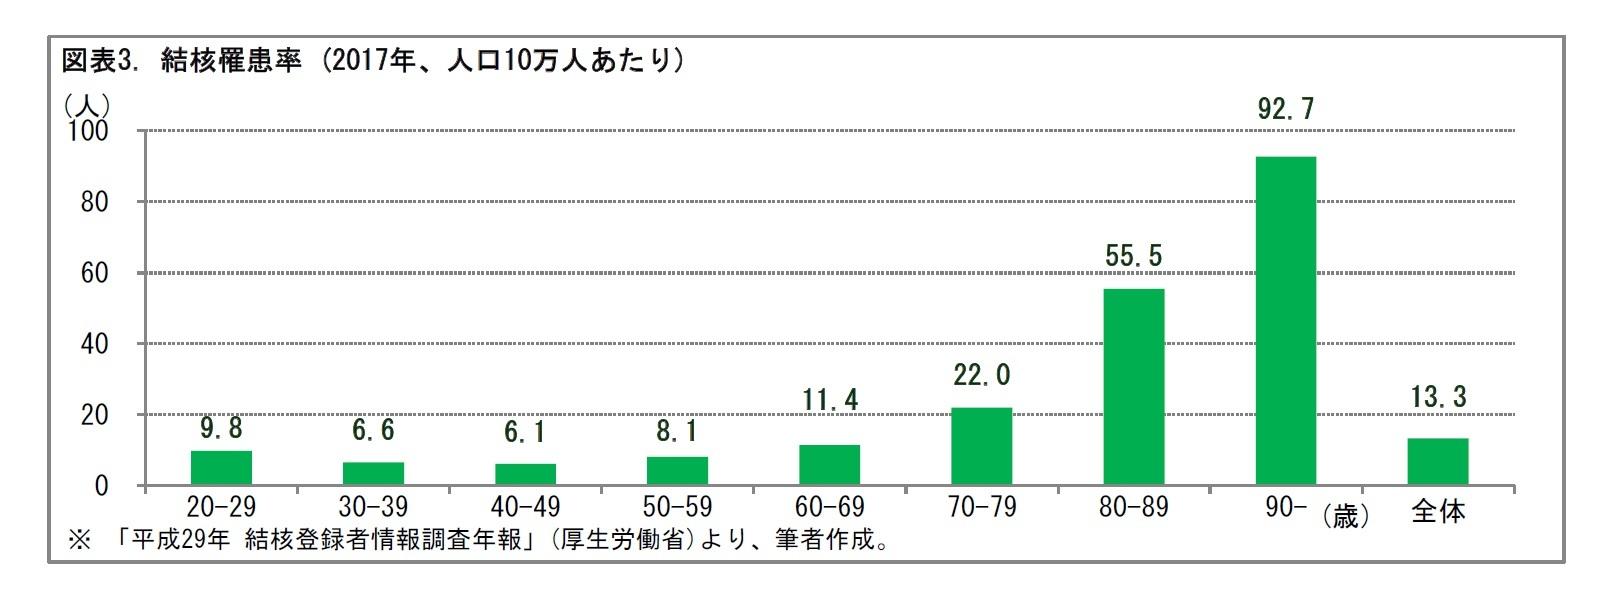 図表3. 結核罹患率 (2017年、人口10万人あたり)